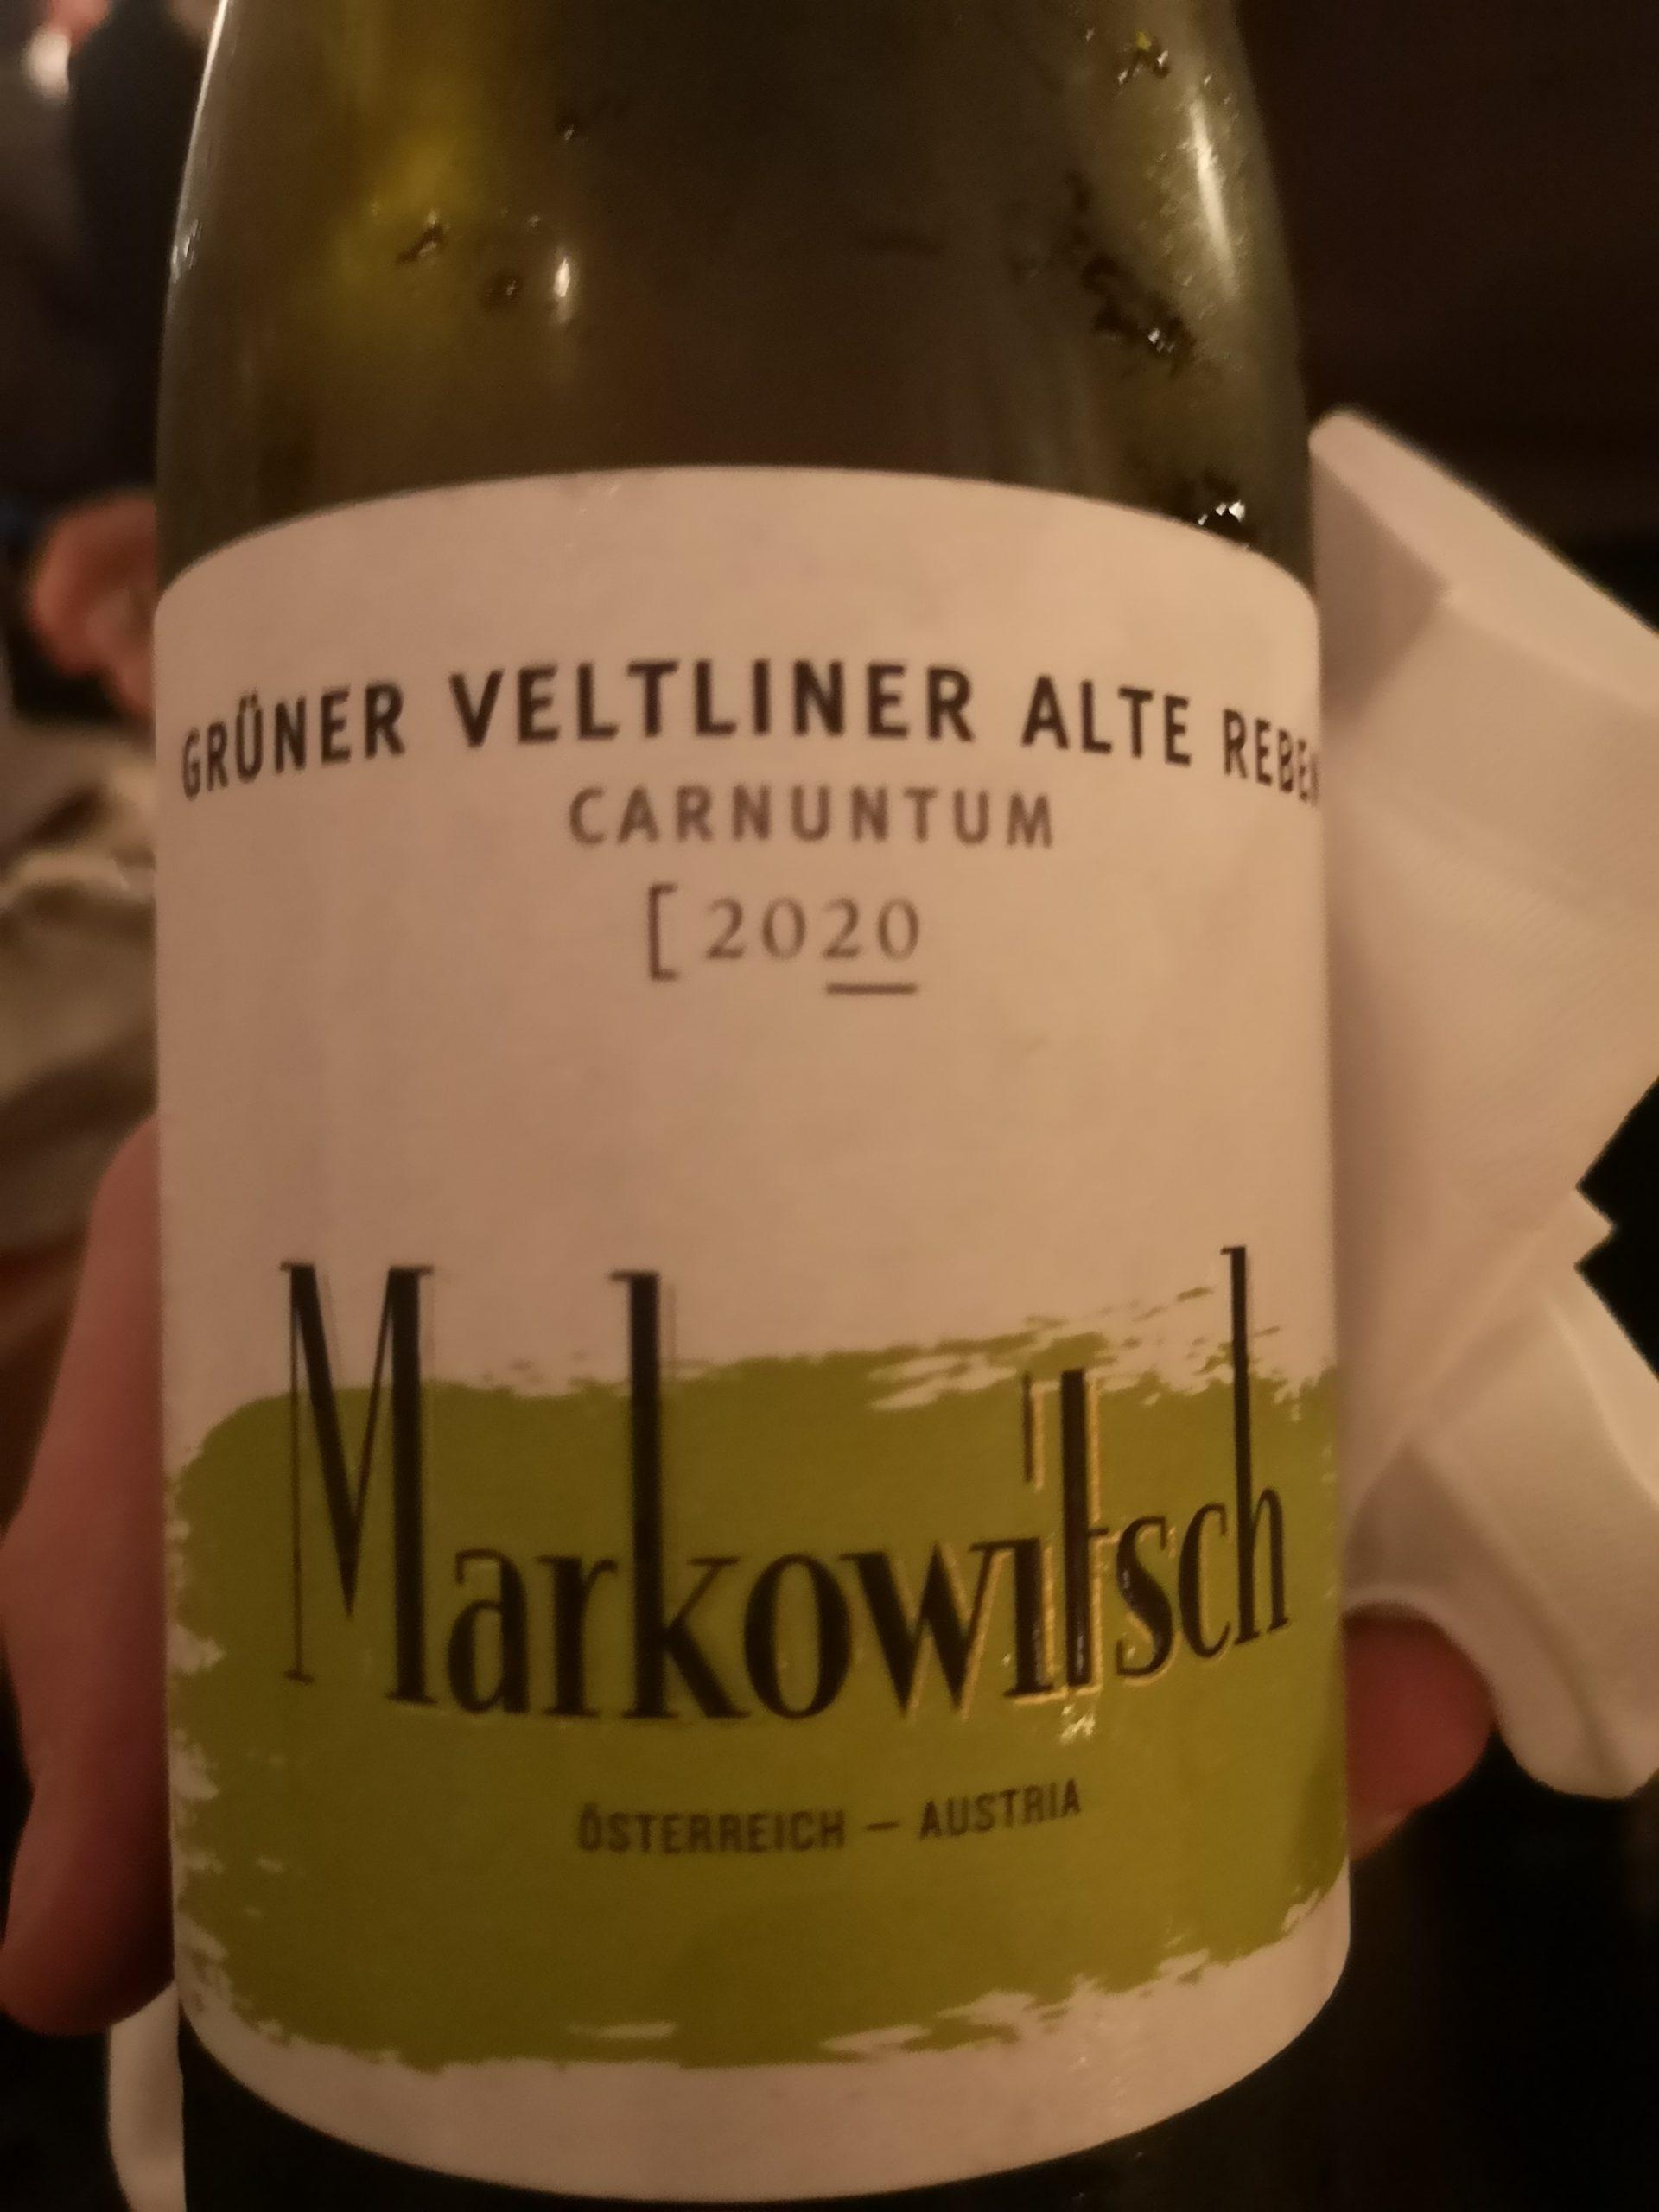 2020 Grüner Veltliner Alte Reben | Markowitsch